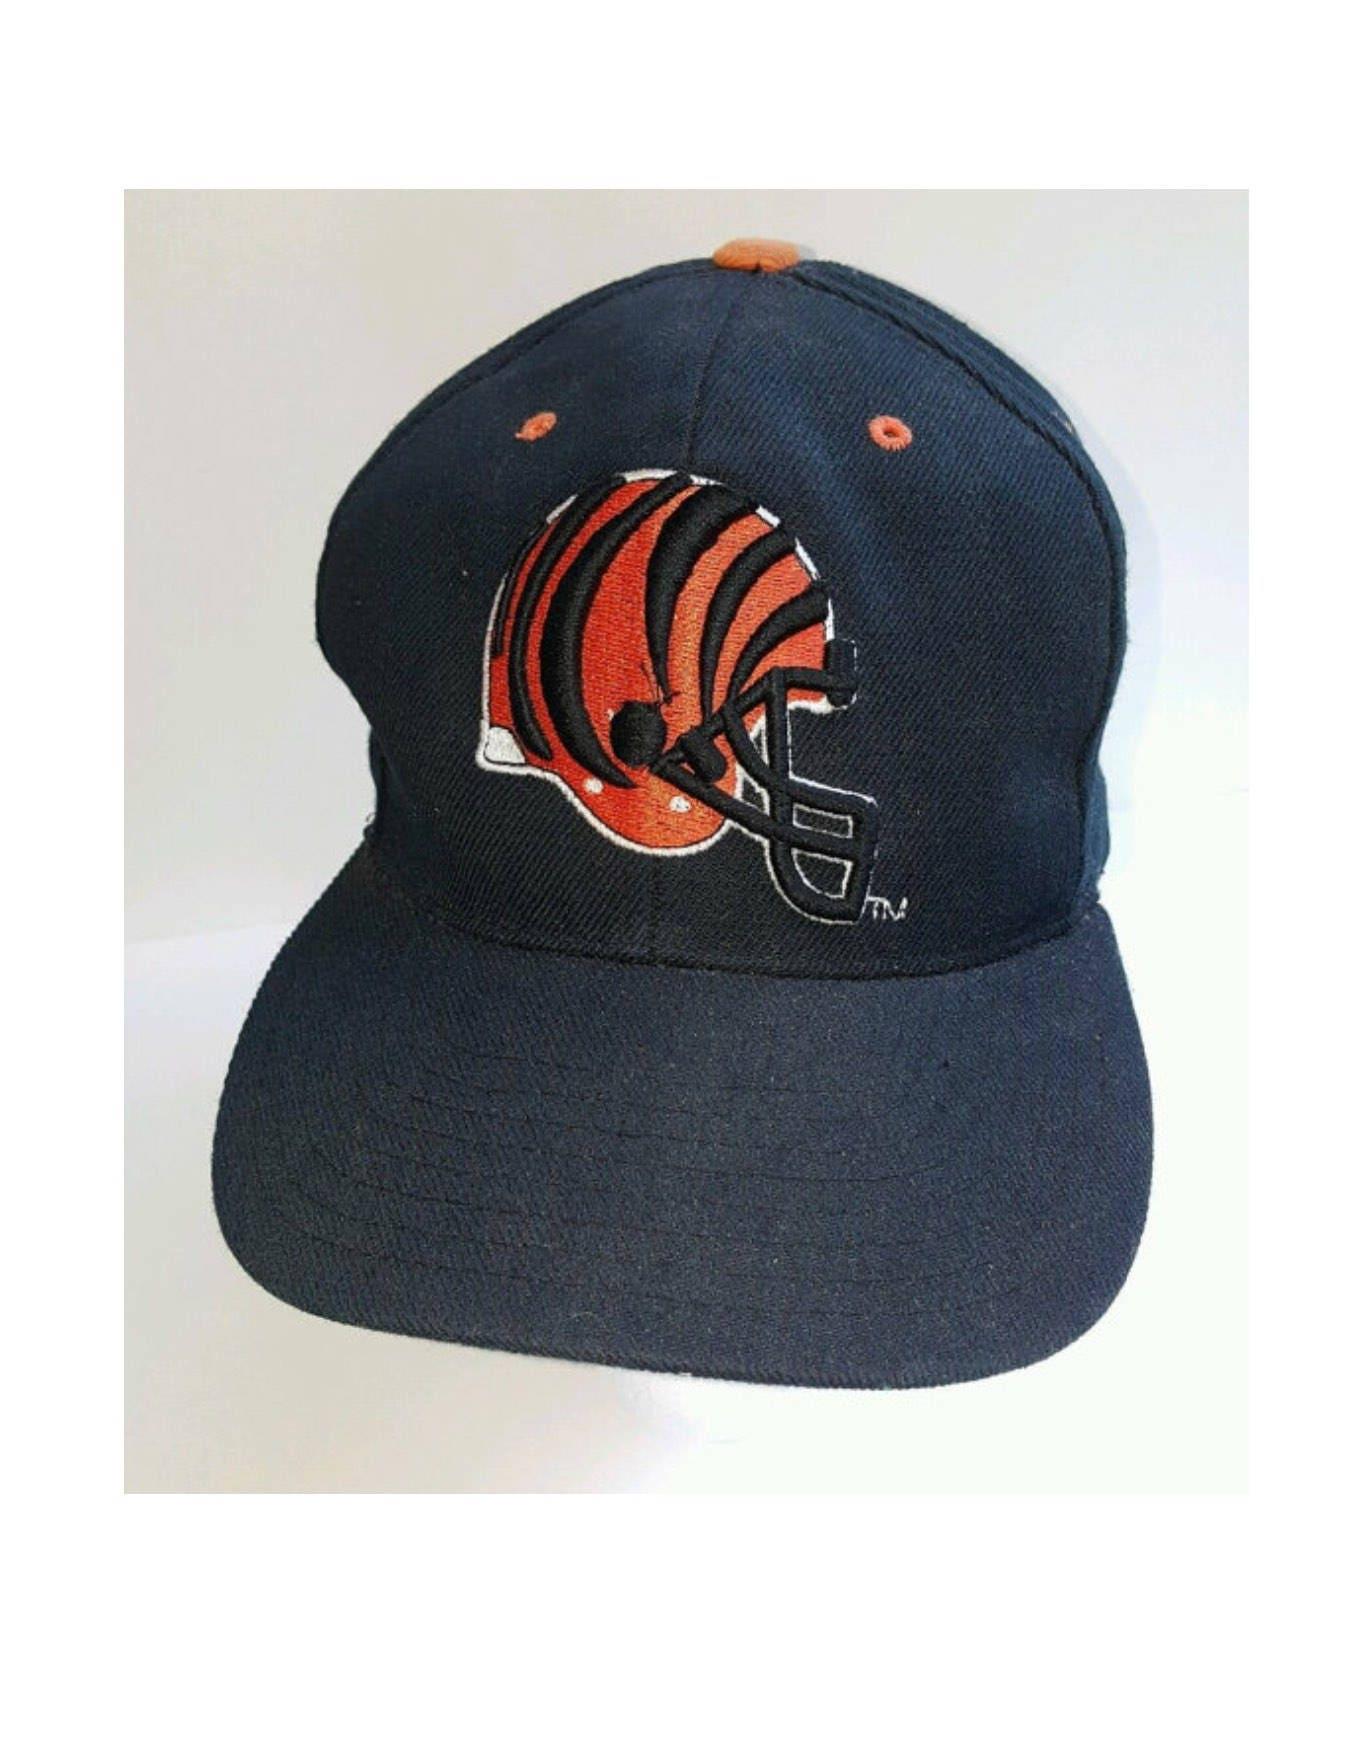 59e080a6 Cincinnati Bengals Vintage NFL 90's Snapback Hat Black Old | Etsy